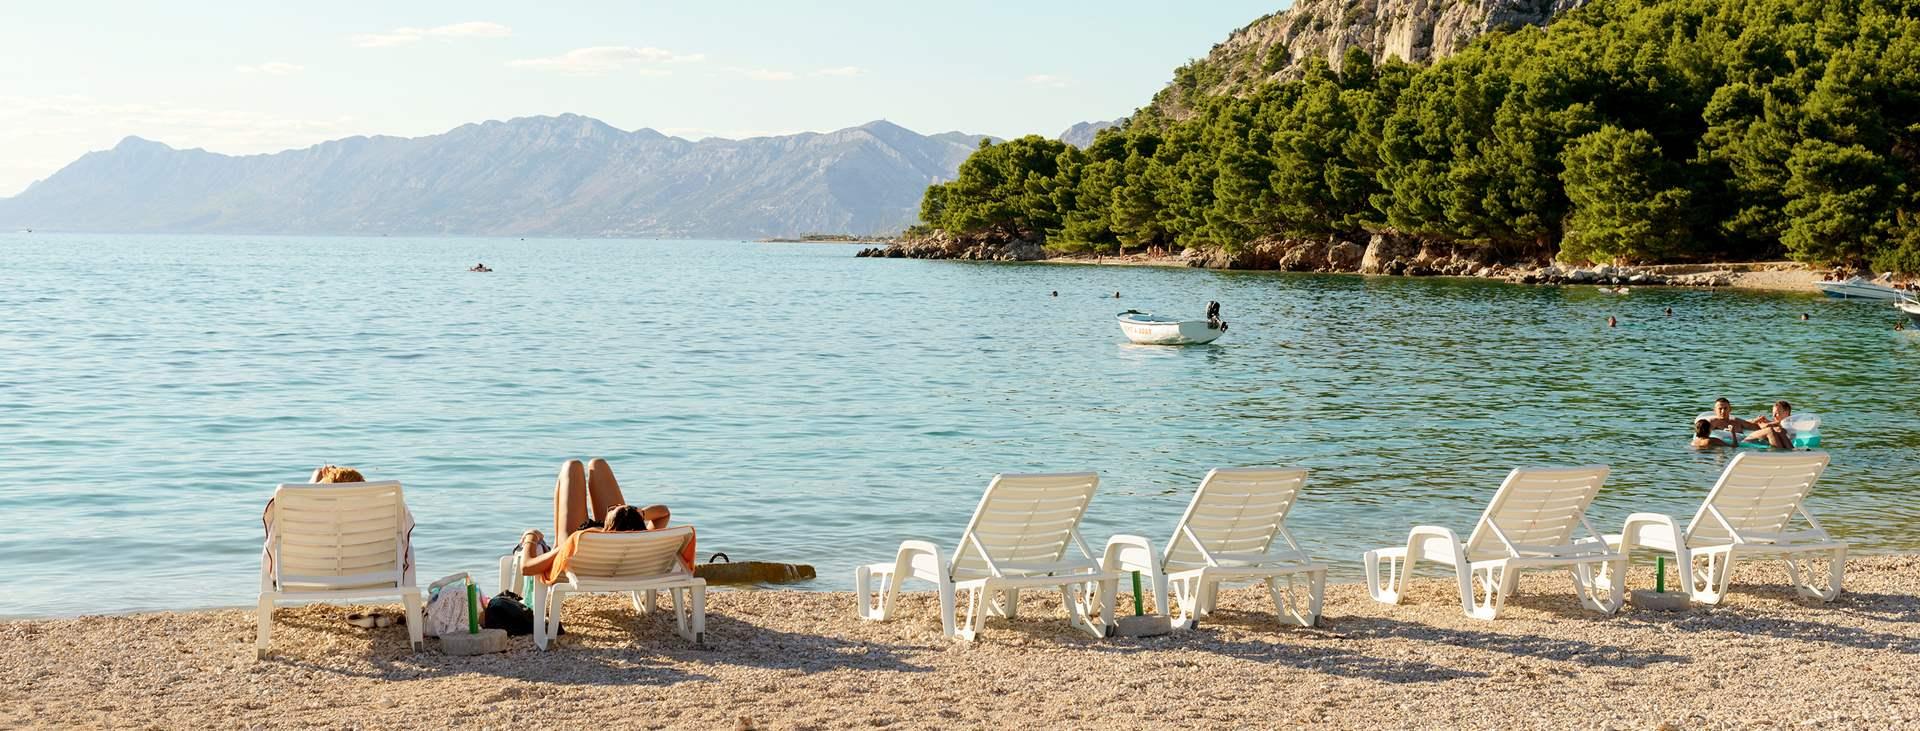 Bestill en reise med Ving til Makarska i Kroatia